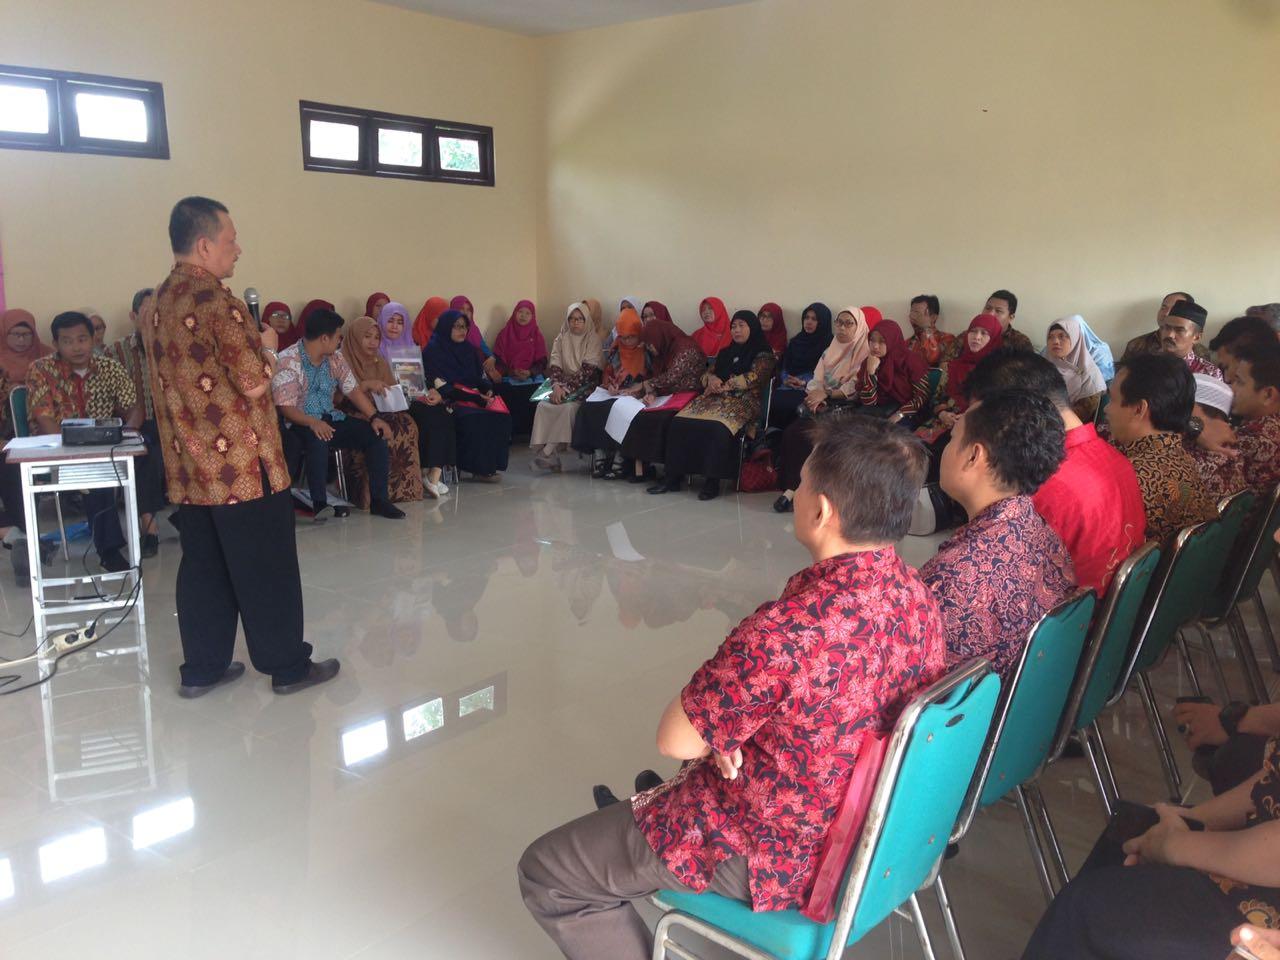 Kepala Sekolah Muhammadiyah se DKI Jakarta Dilatih dan Dididik Agar Berkualitas